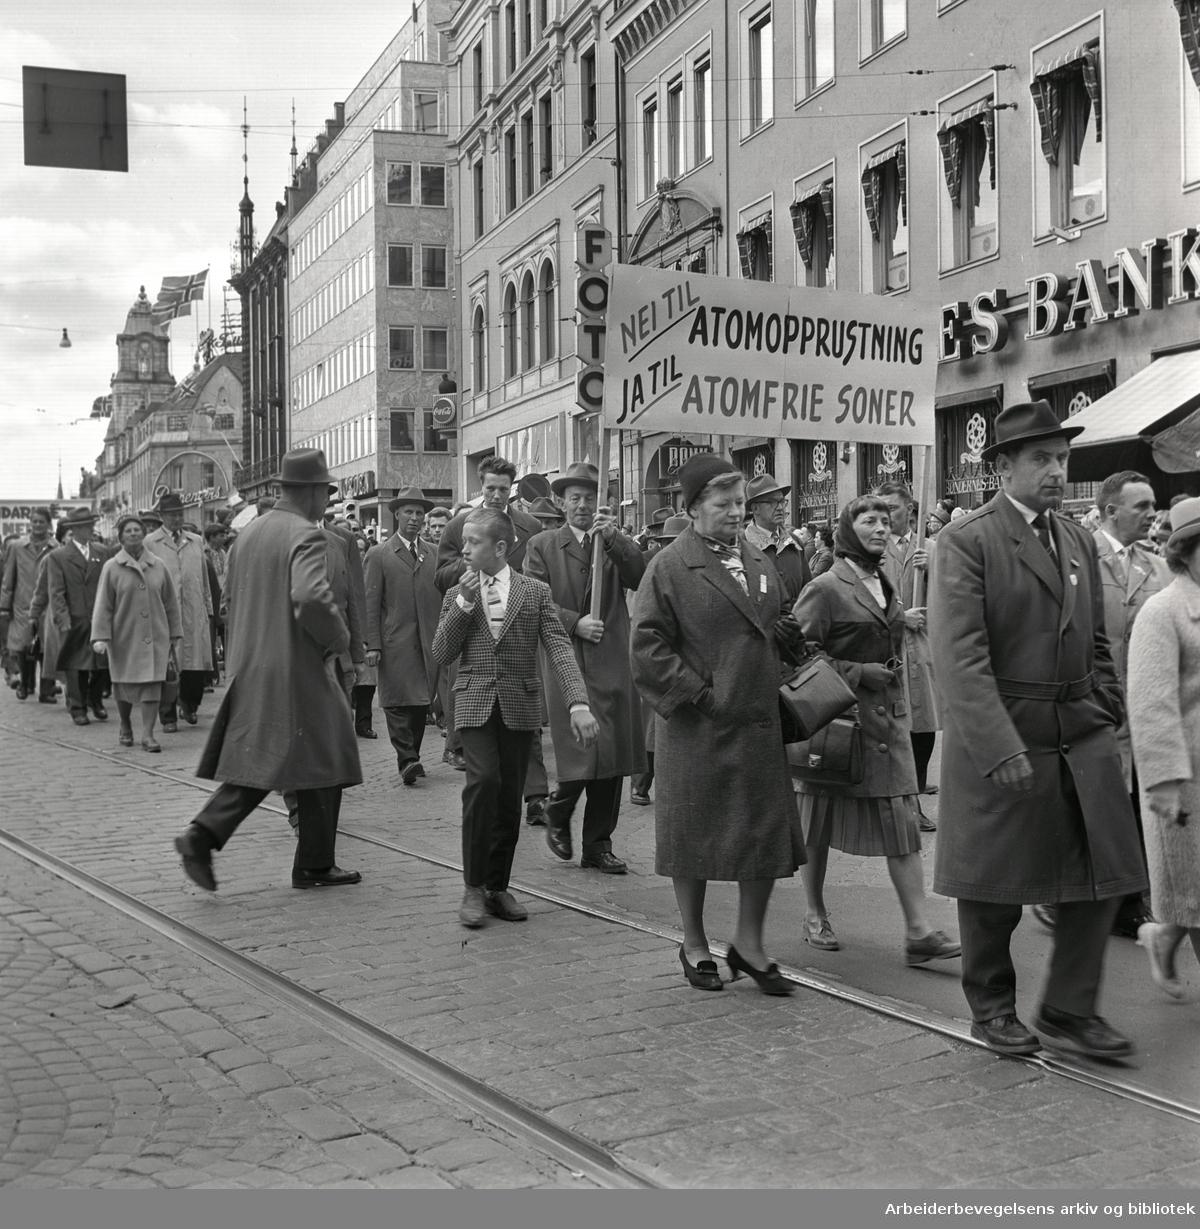 """1. mai 1962 i Oslo.Demonstrasjonstog arrangert av """"Faglig aksjon mot Fellesmarkedet"""" med støtte fra Sosialistisk Folkeparti (SF) og Norges kommunistiske parti (NKP)..Parole: Nei til atomopprustning.Ja til atomfrie soner.."""